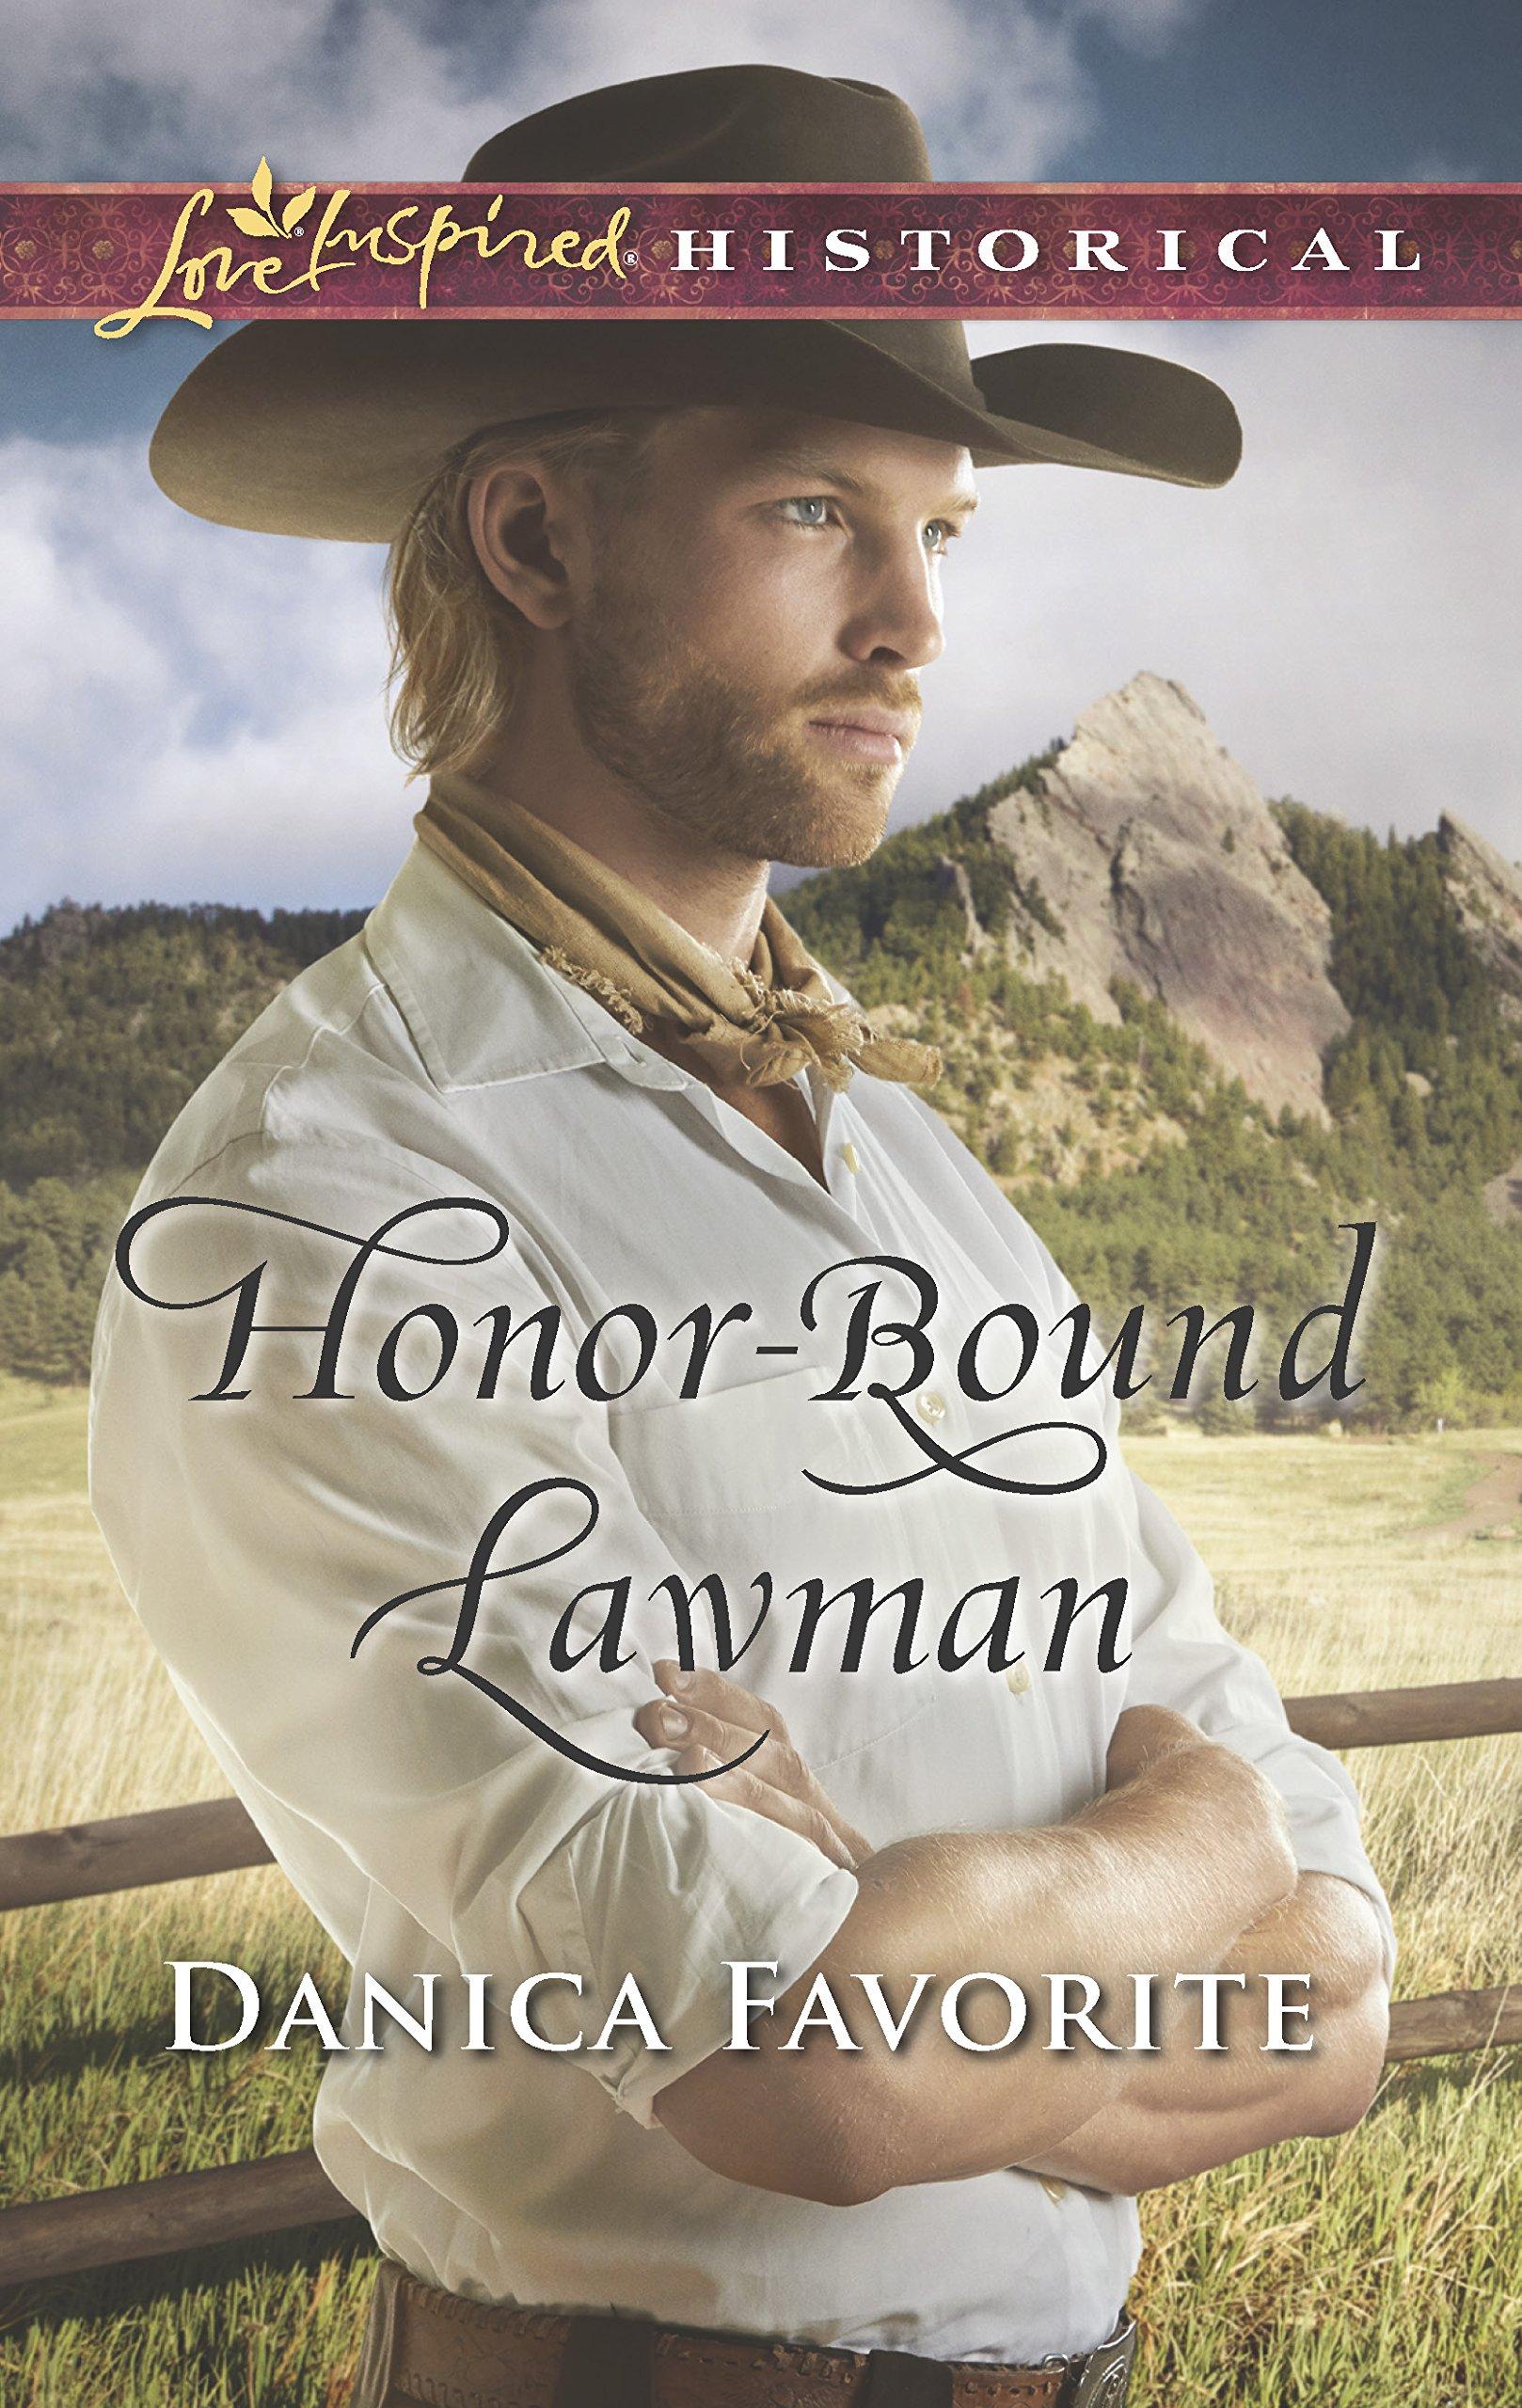 Honor-Bound Lawman (Love Inspired Historical): Danica Favorite:  9781335369567: Amazon.com: Books